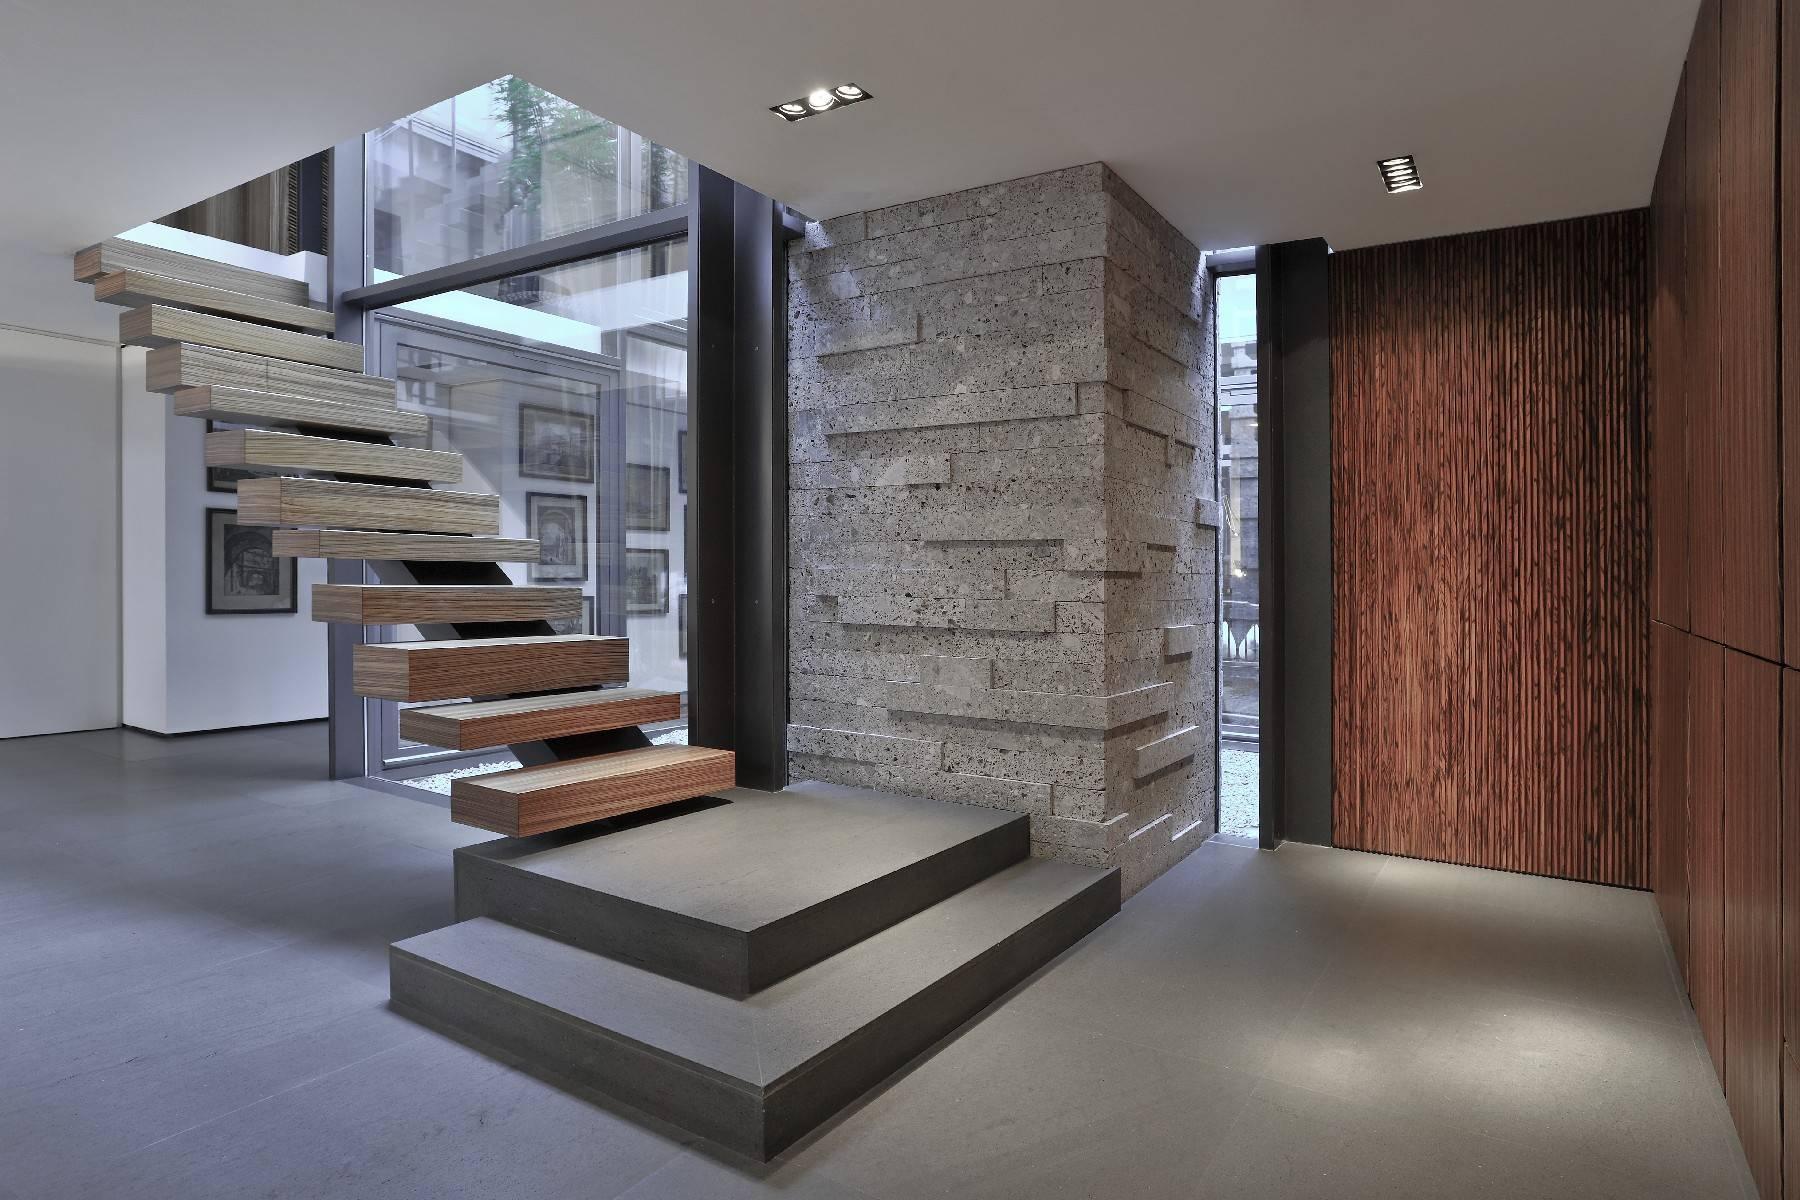 Spektakuläres Einfamilienhaus im zentralen Stadtviertel Mailands - 17